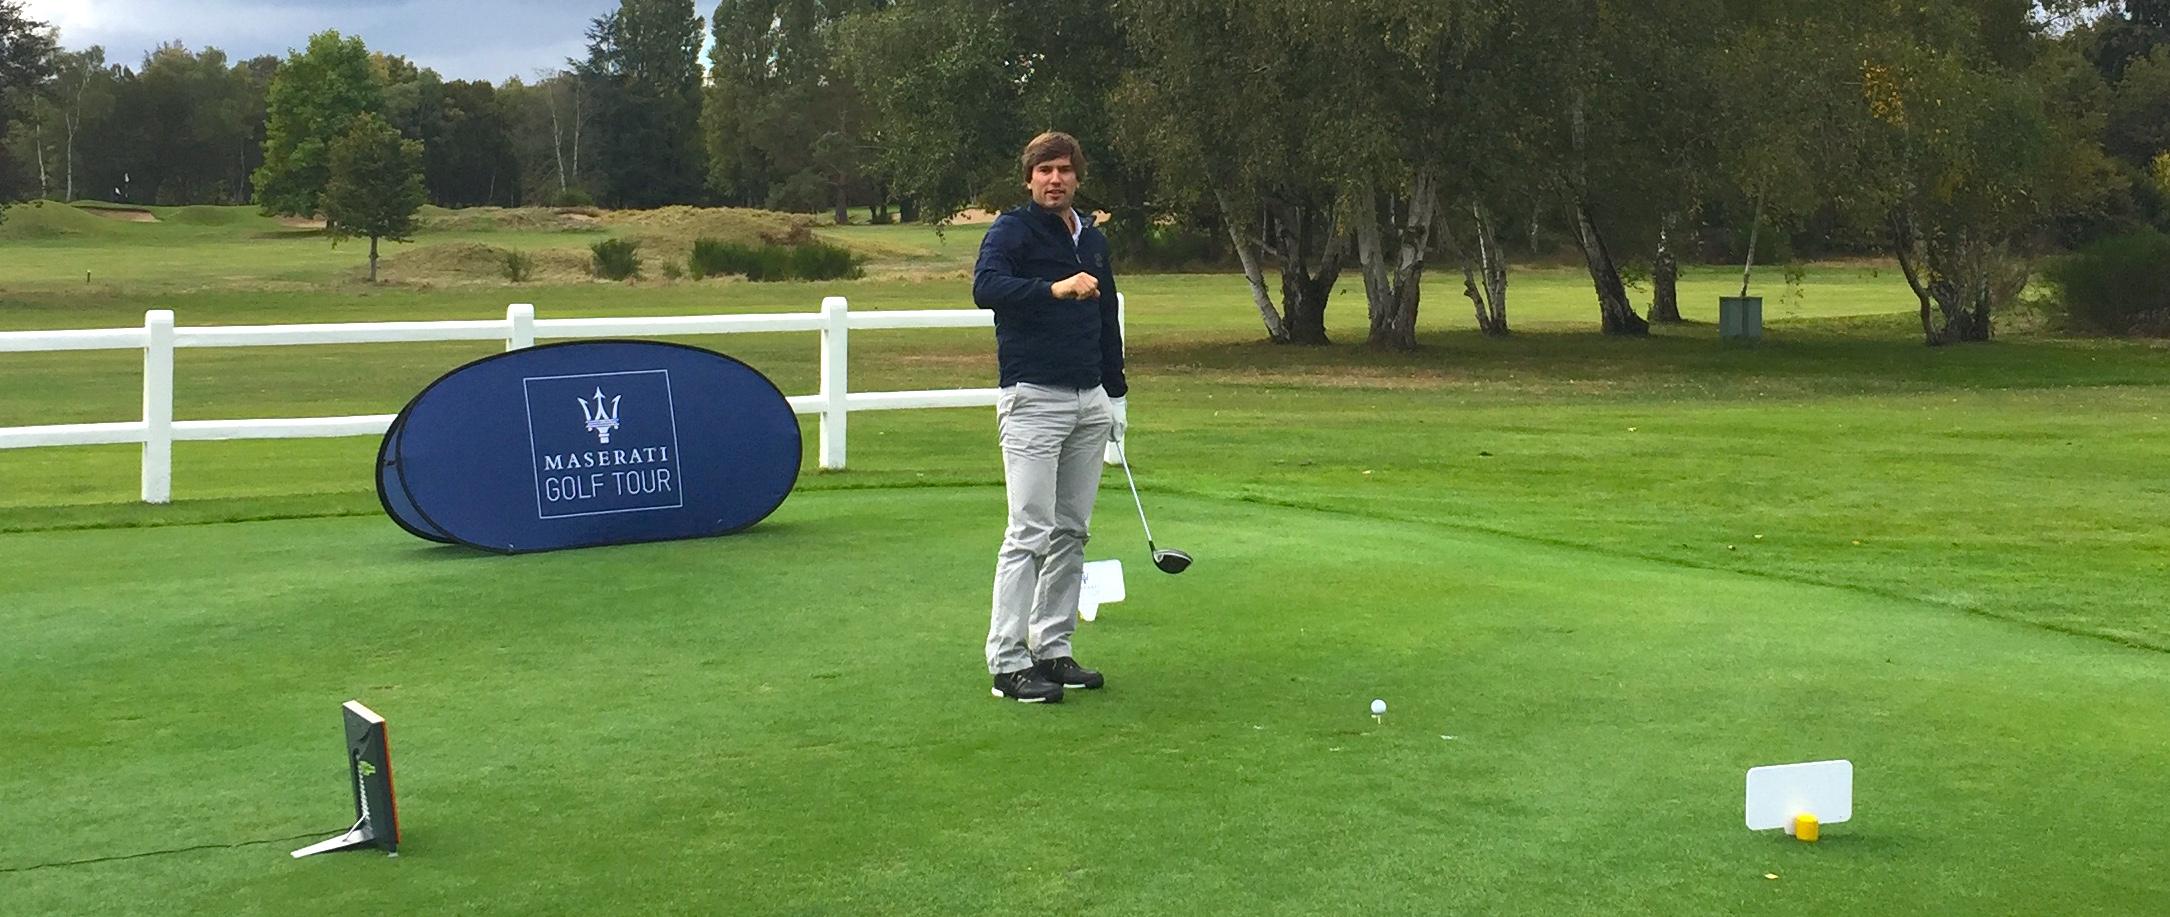 M. Marco Favale, Vainqueur du tournoi